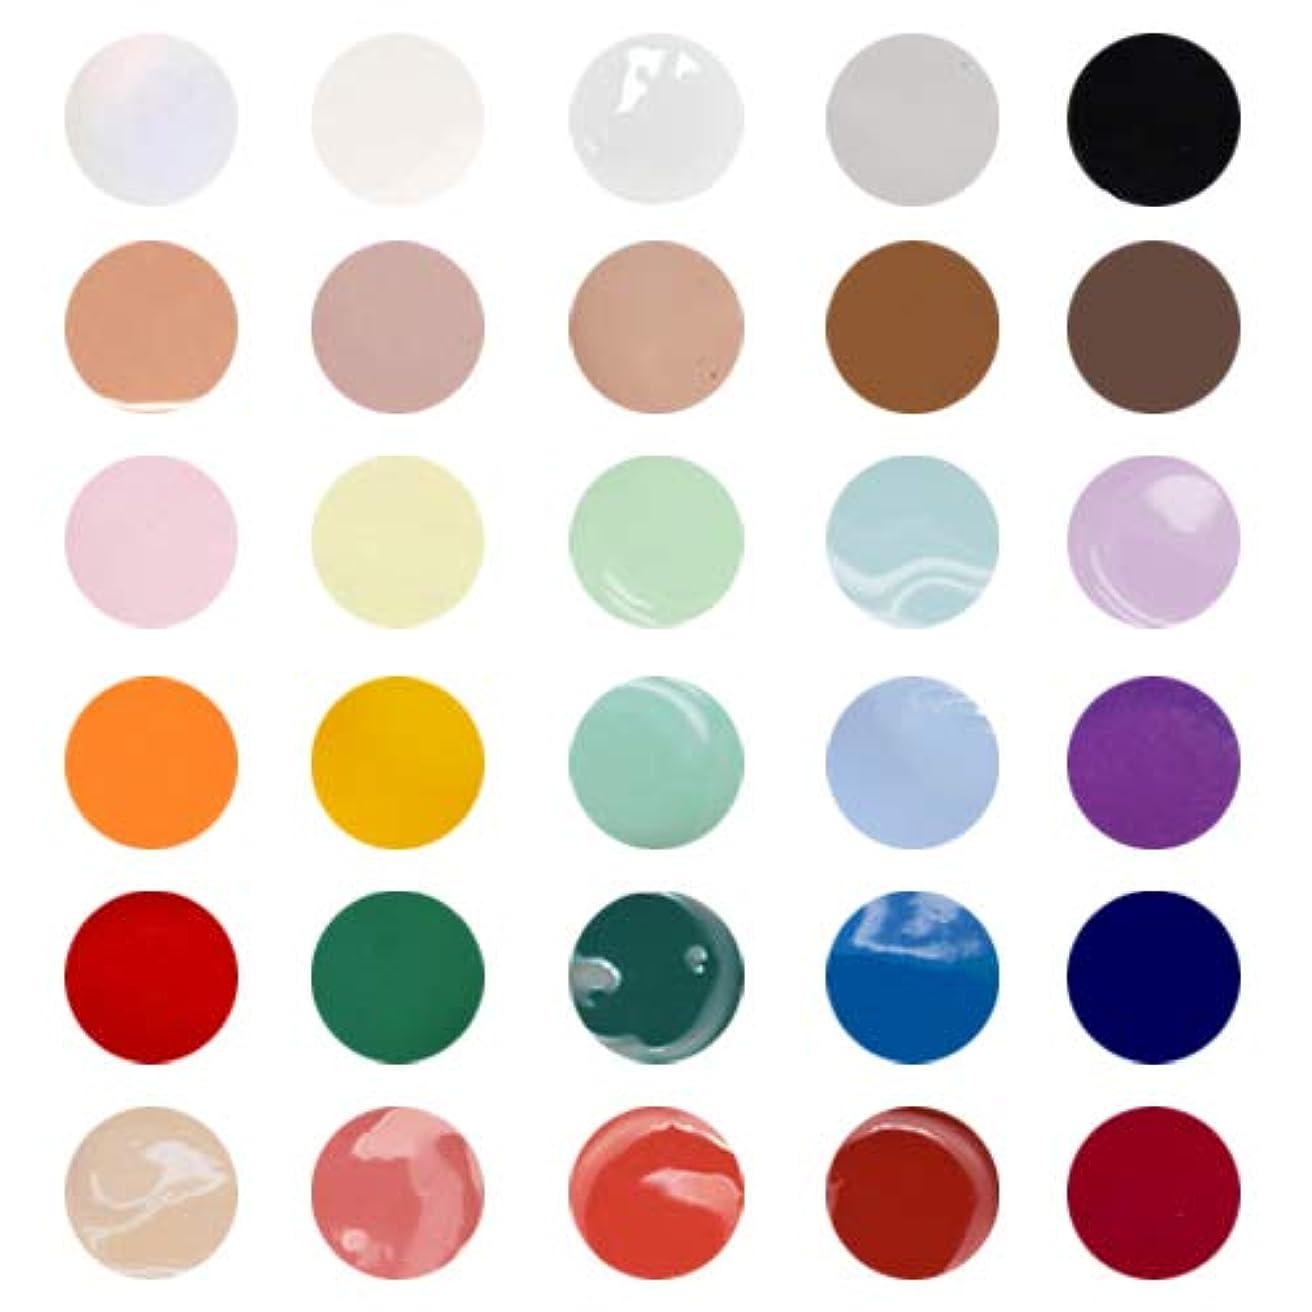 期限静かな金貸しirogel イロジェル カラージェル 30色セット 化粧品 ジェルネイル